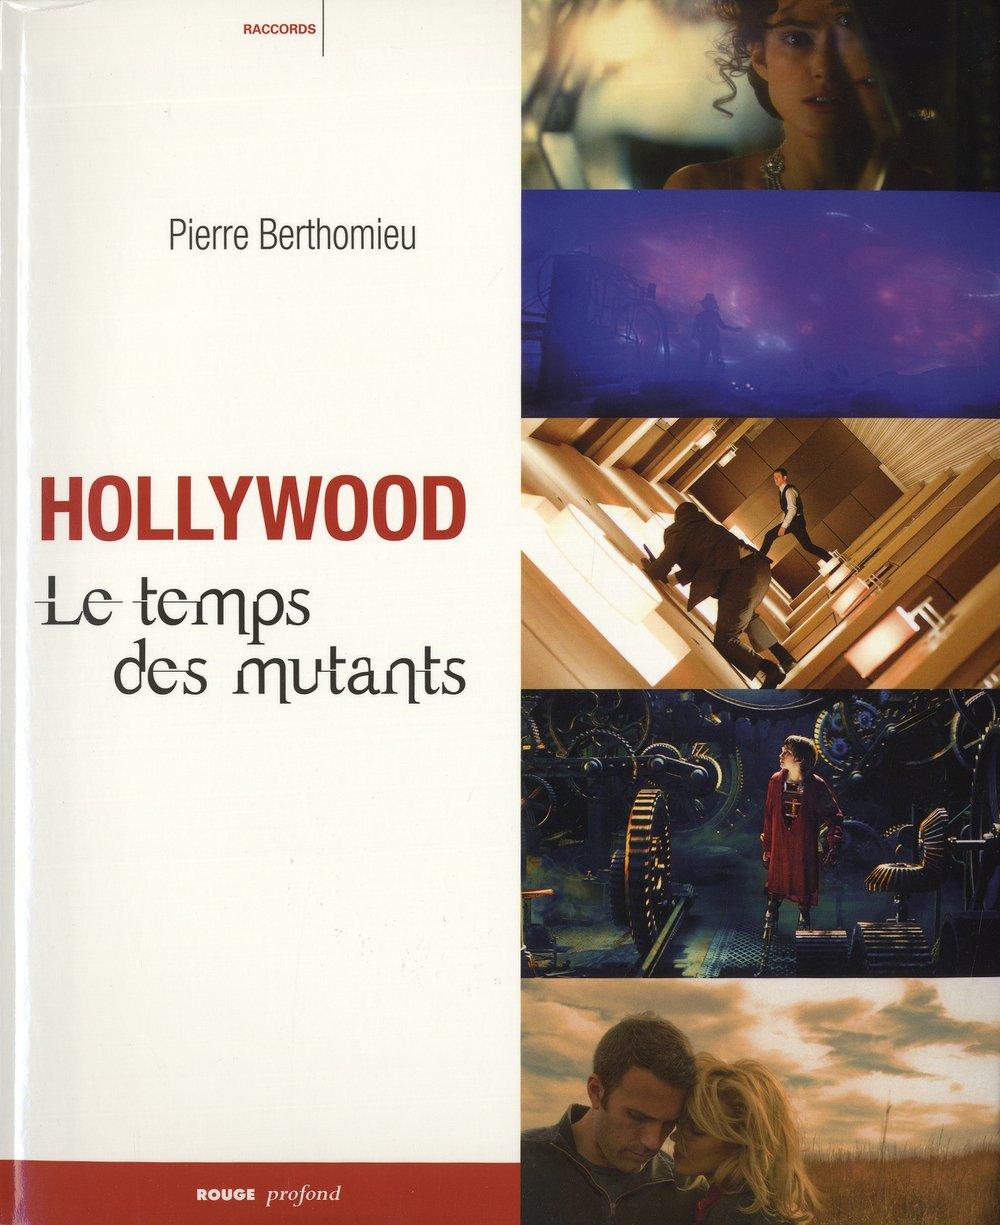 Libros sobre cine - Página 3 71H8AliQyTL